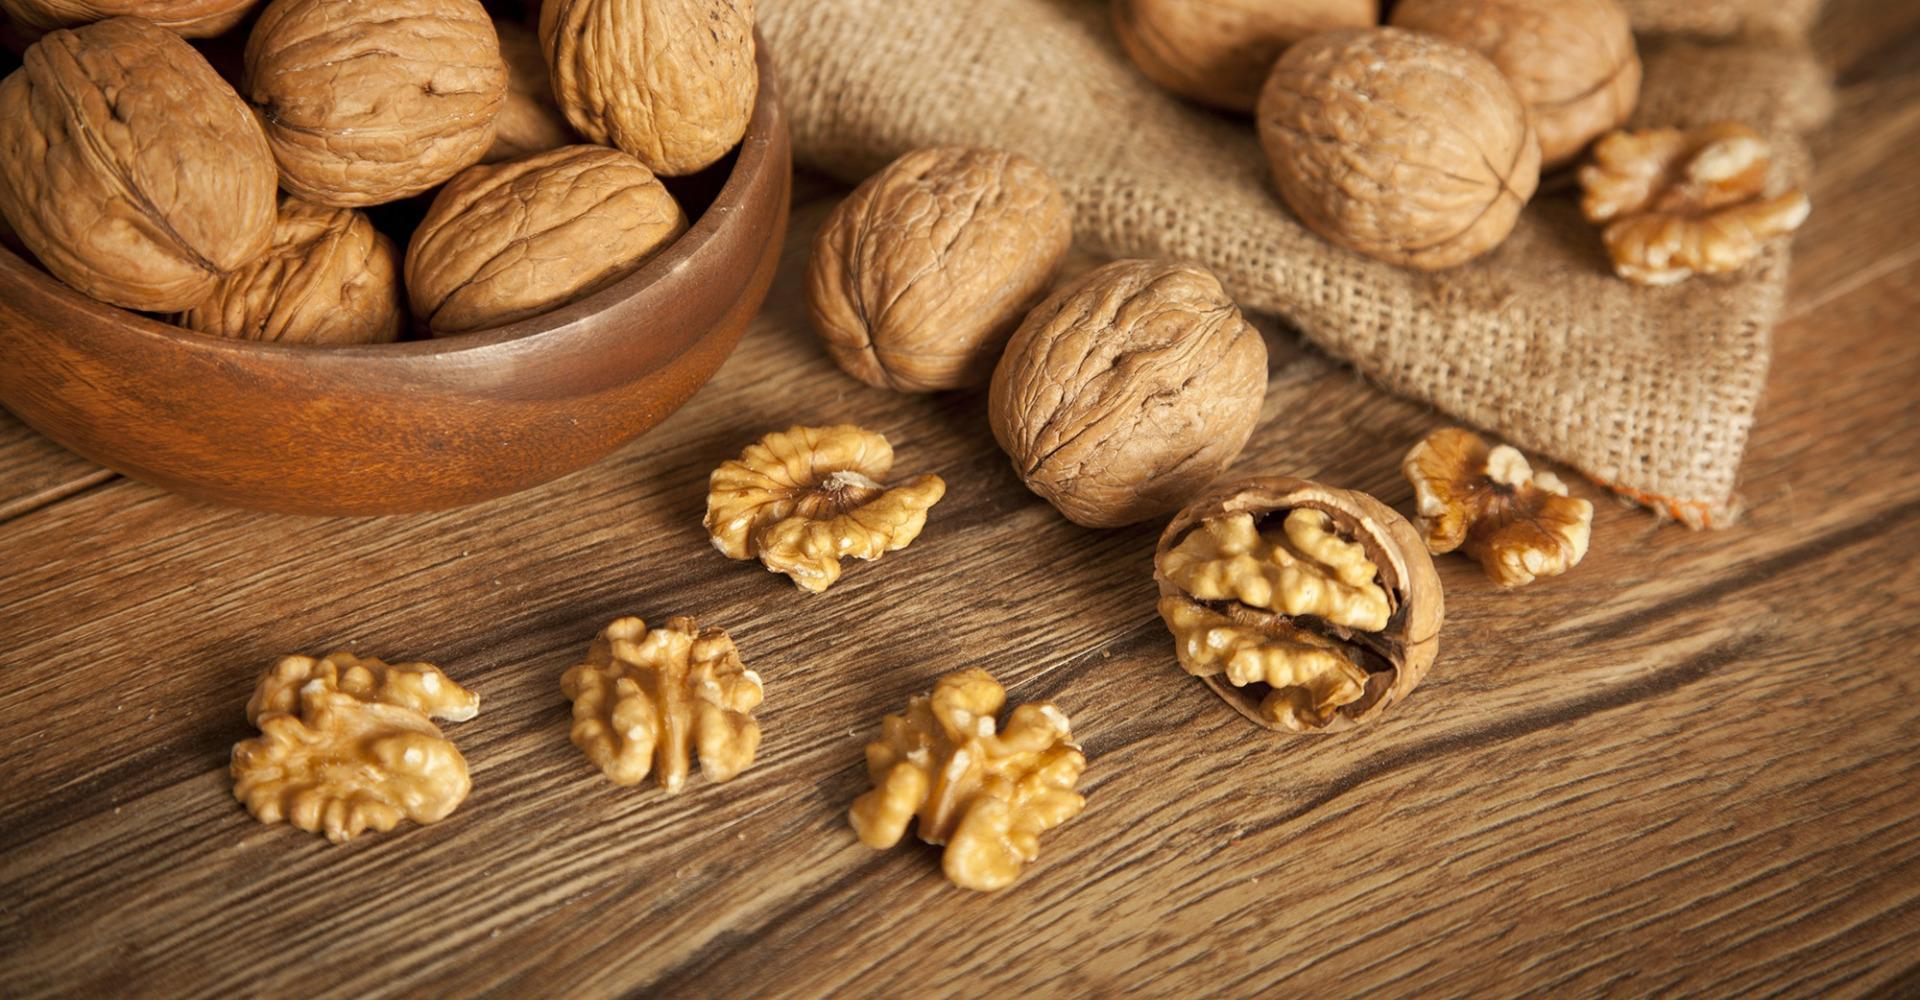 Грецкие орехи замедляют когнитивные нарушения у пожилых людей